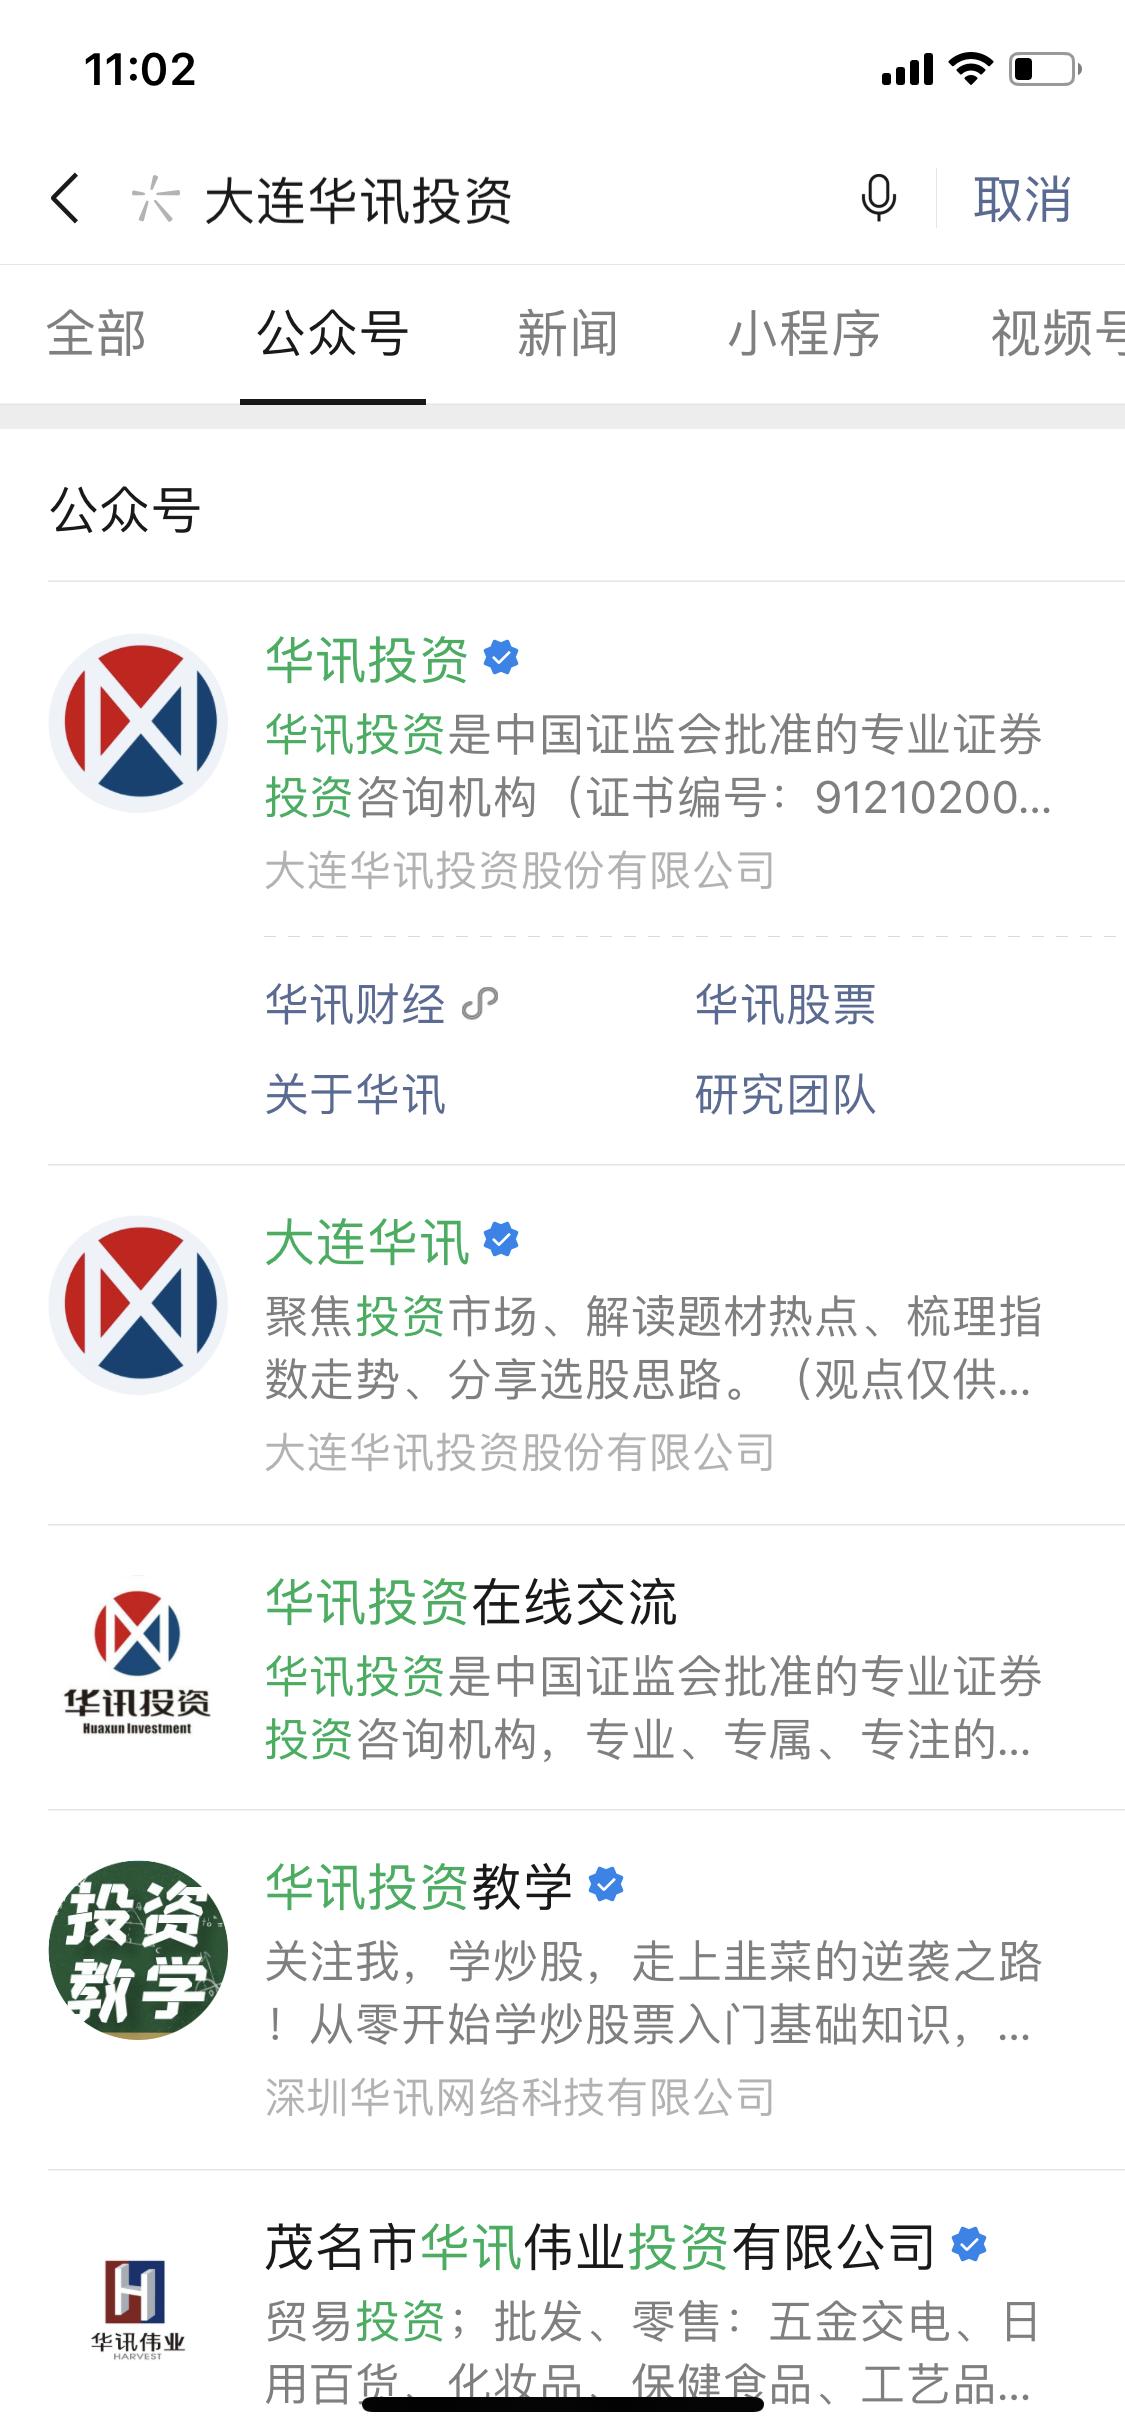 大连华讯公司运营有多个微信公众号推荐牛股。